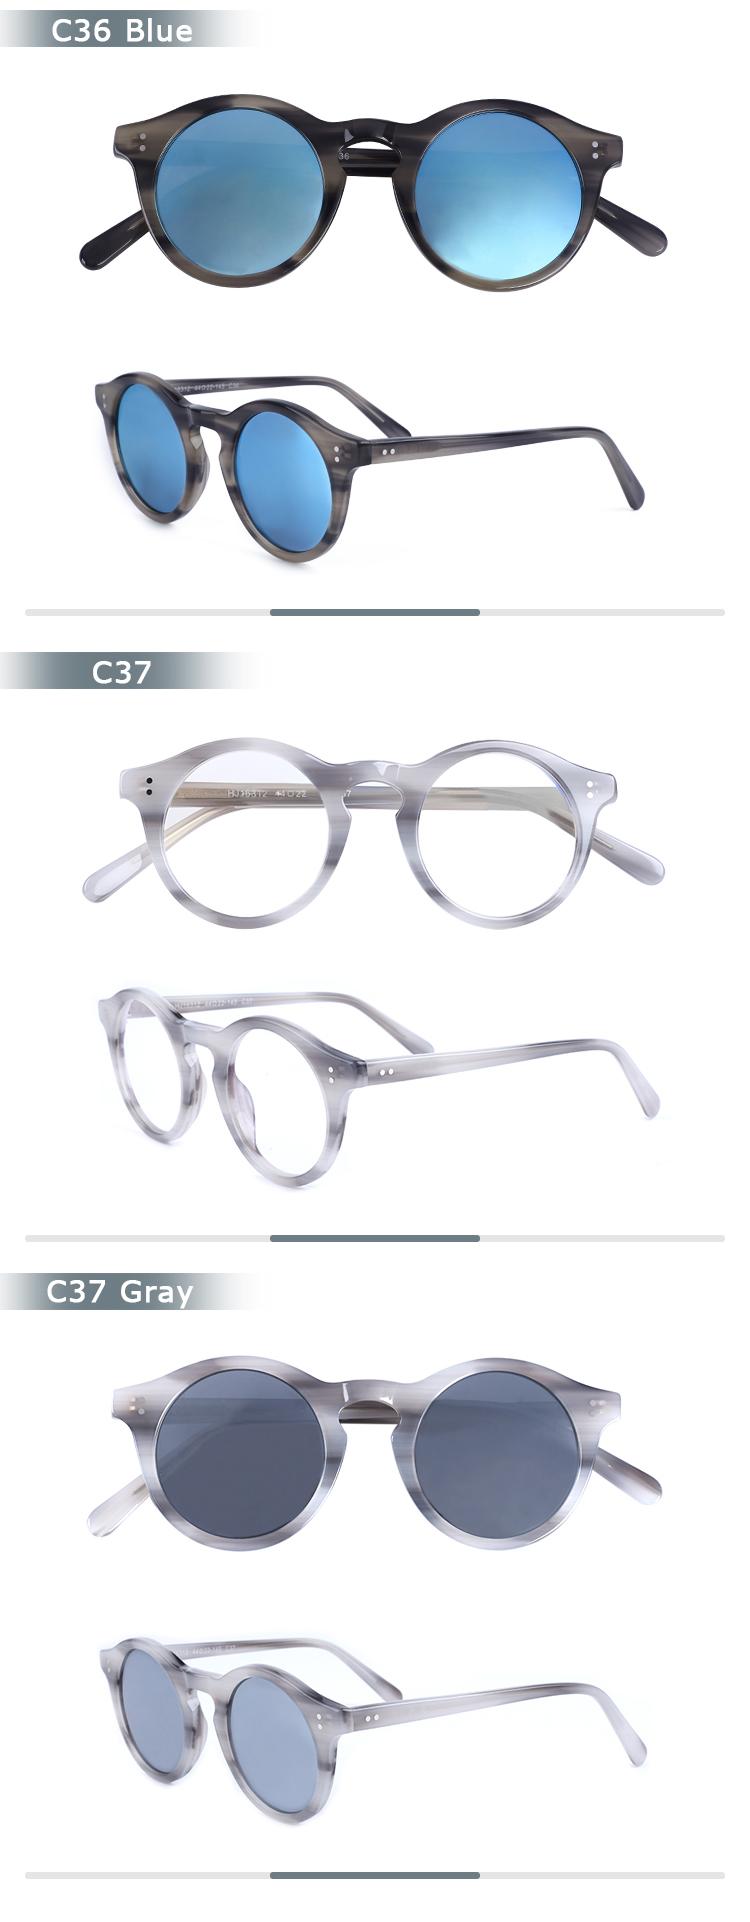 ขายร้อนกรอบแว่นตา Slim กรอบแว่นตา